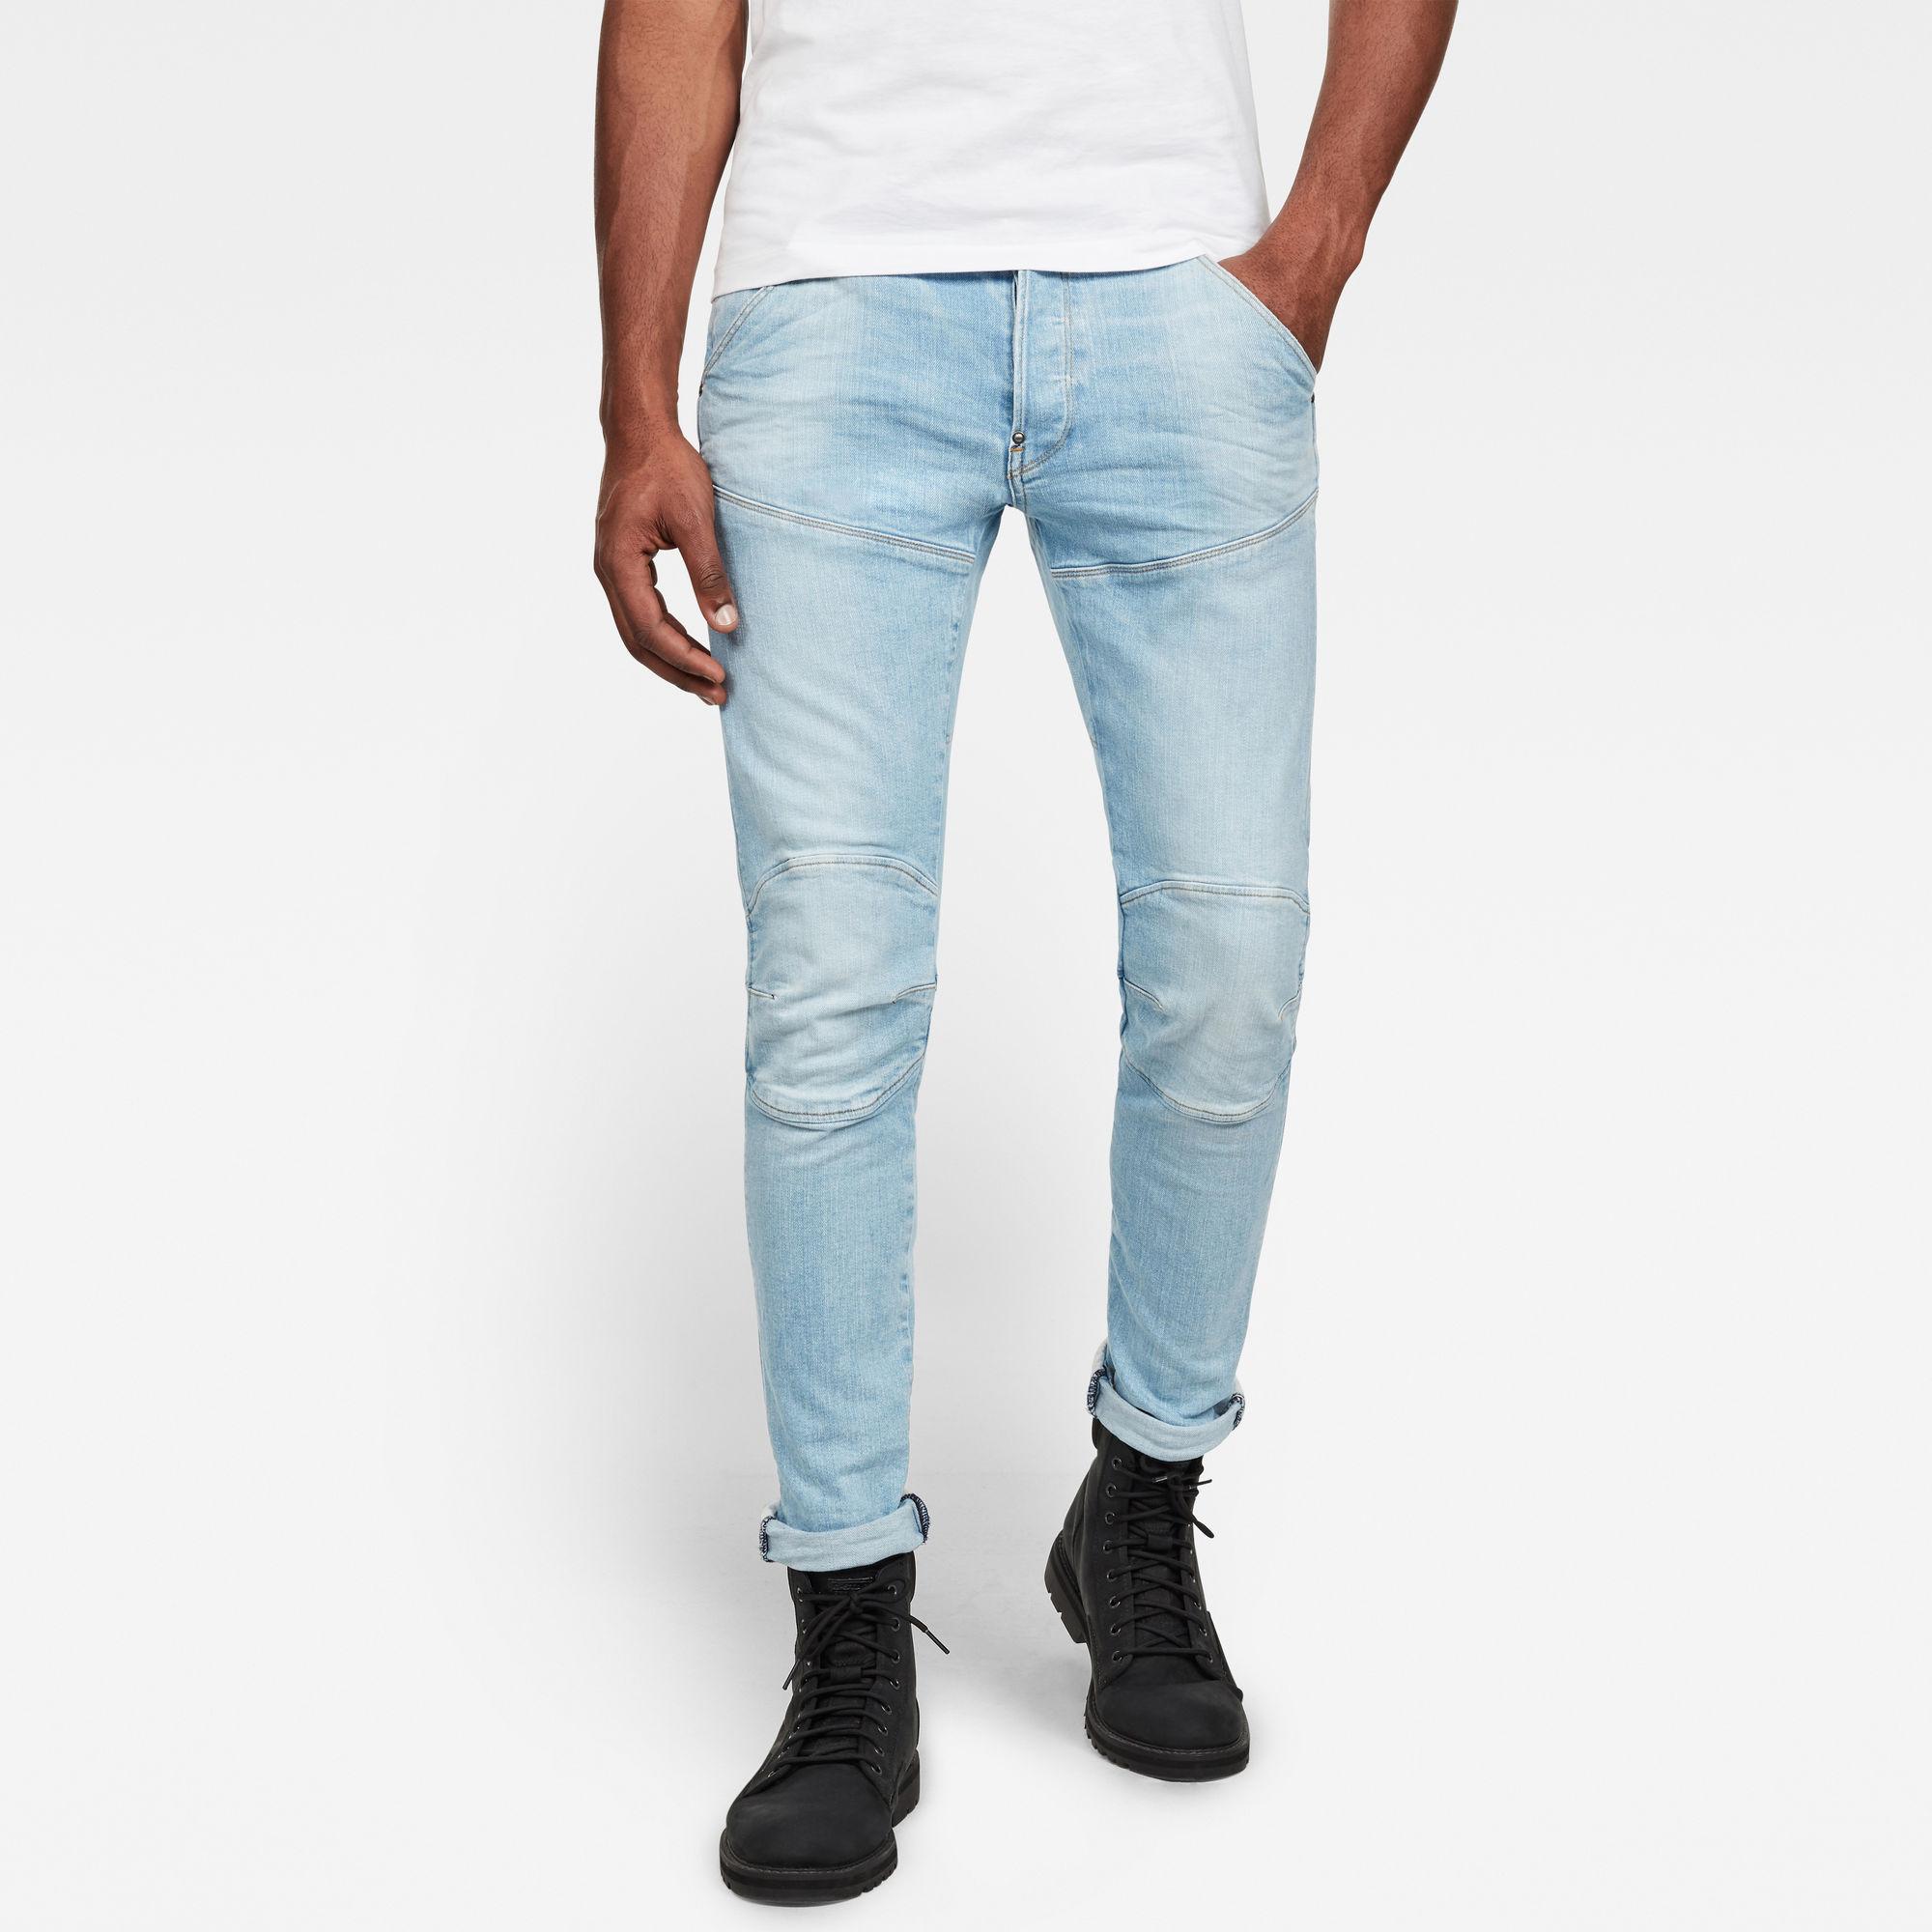 G-Star RAW Heren 5620 3D Slim Jeans Lichtblauw